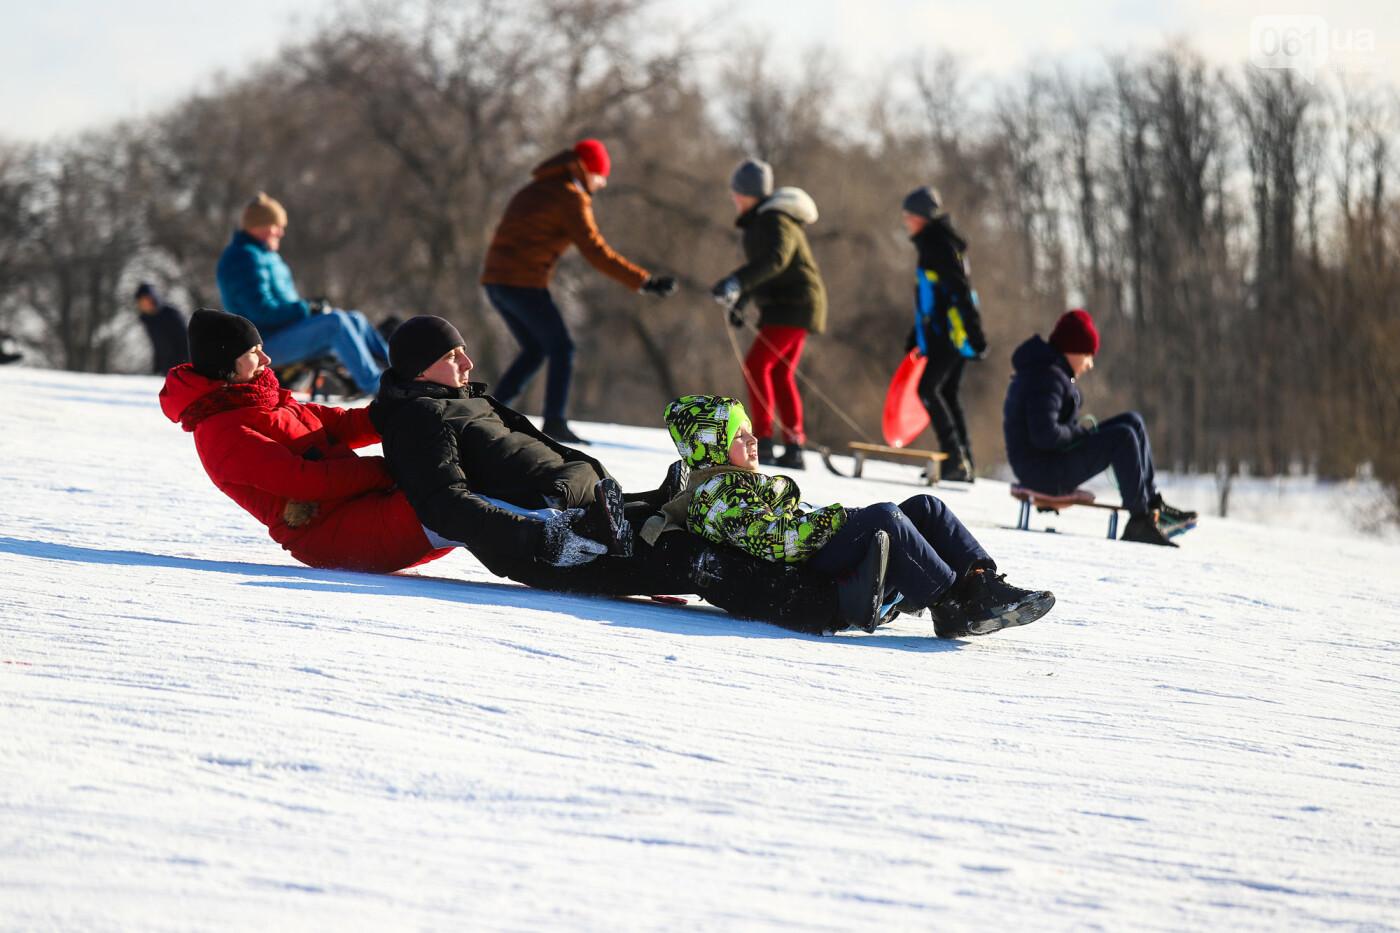 На санках, лыжах и сноуборде: запорожцы устроили массовое катание с горок в Вознесеновском парке, - ФОТОРЕПОРТАЖ, фото-6